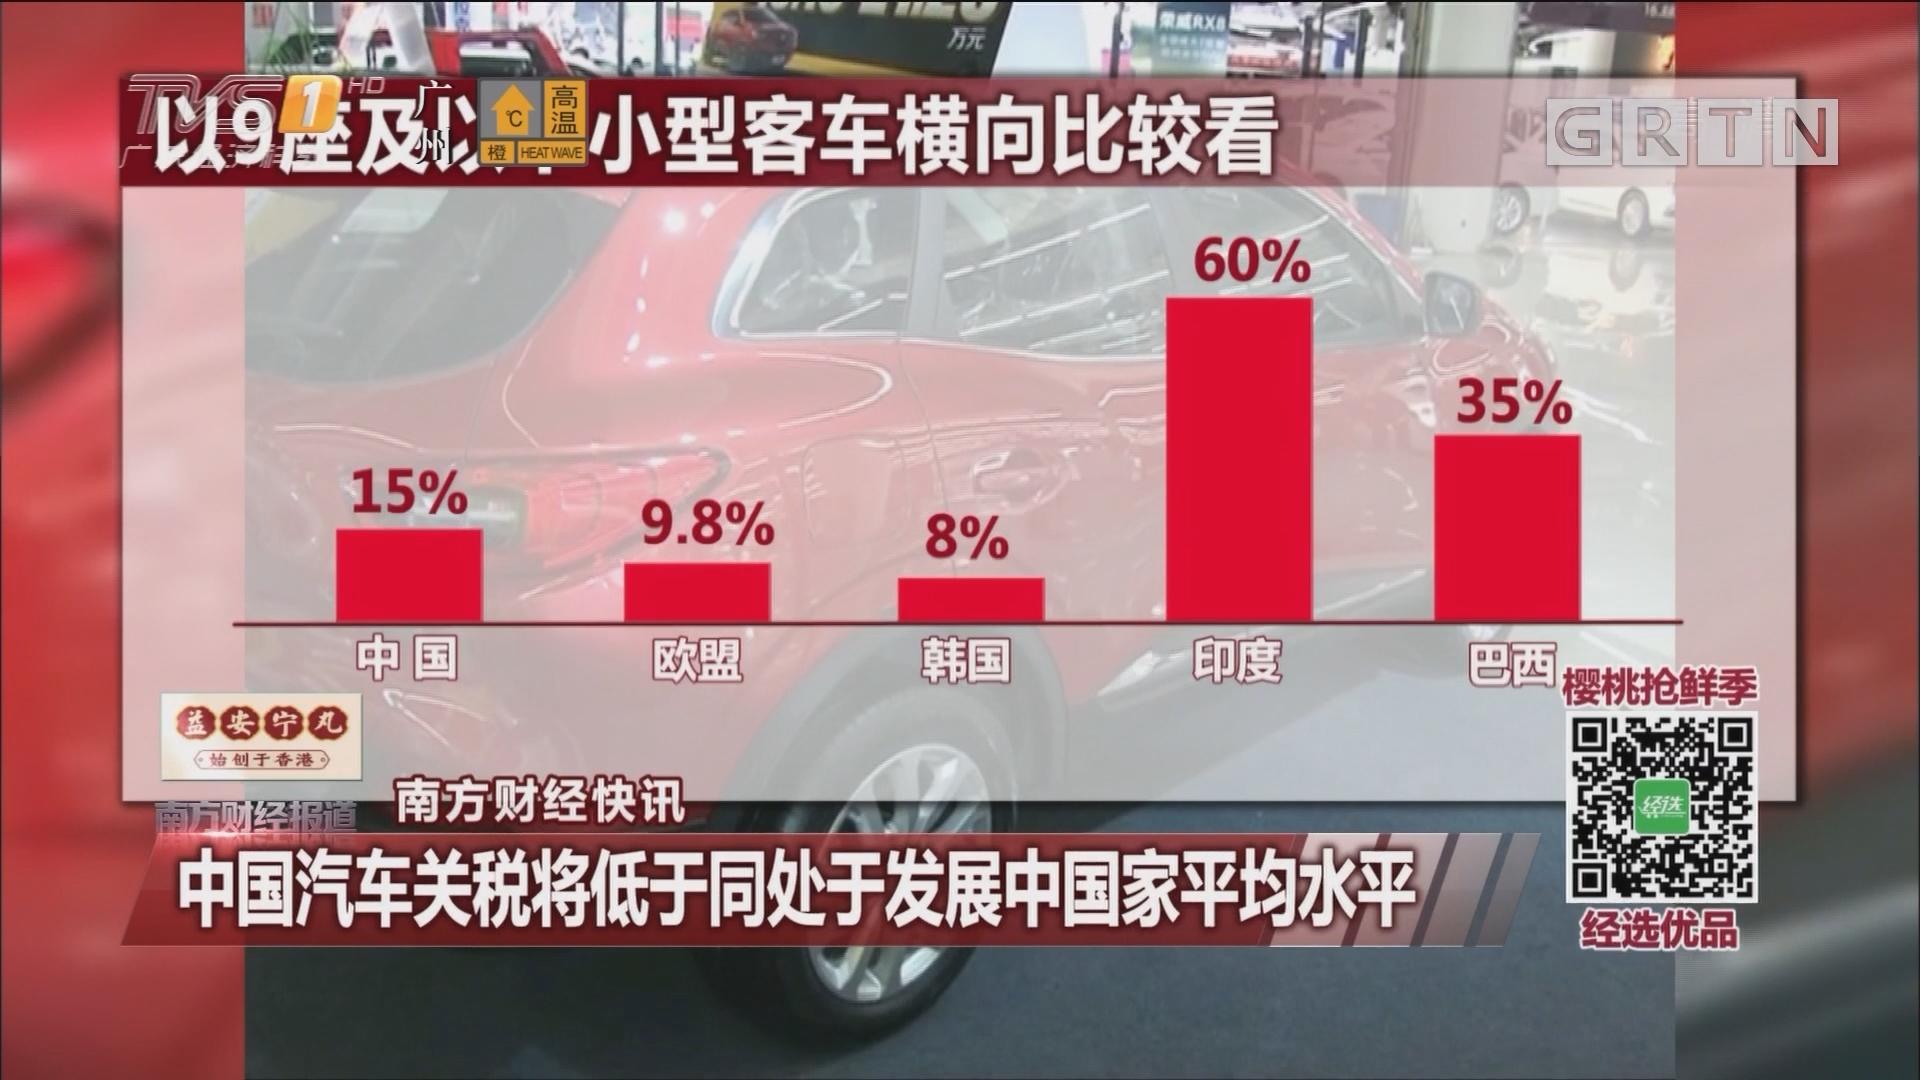 中国汽车关税将低于同处于发展中国家平均水平